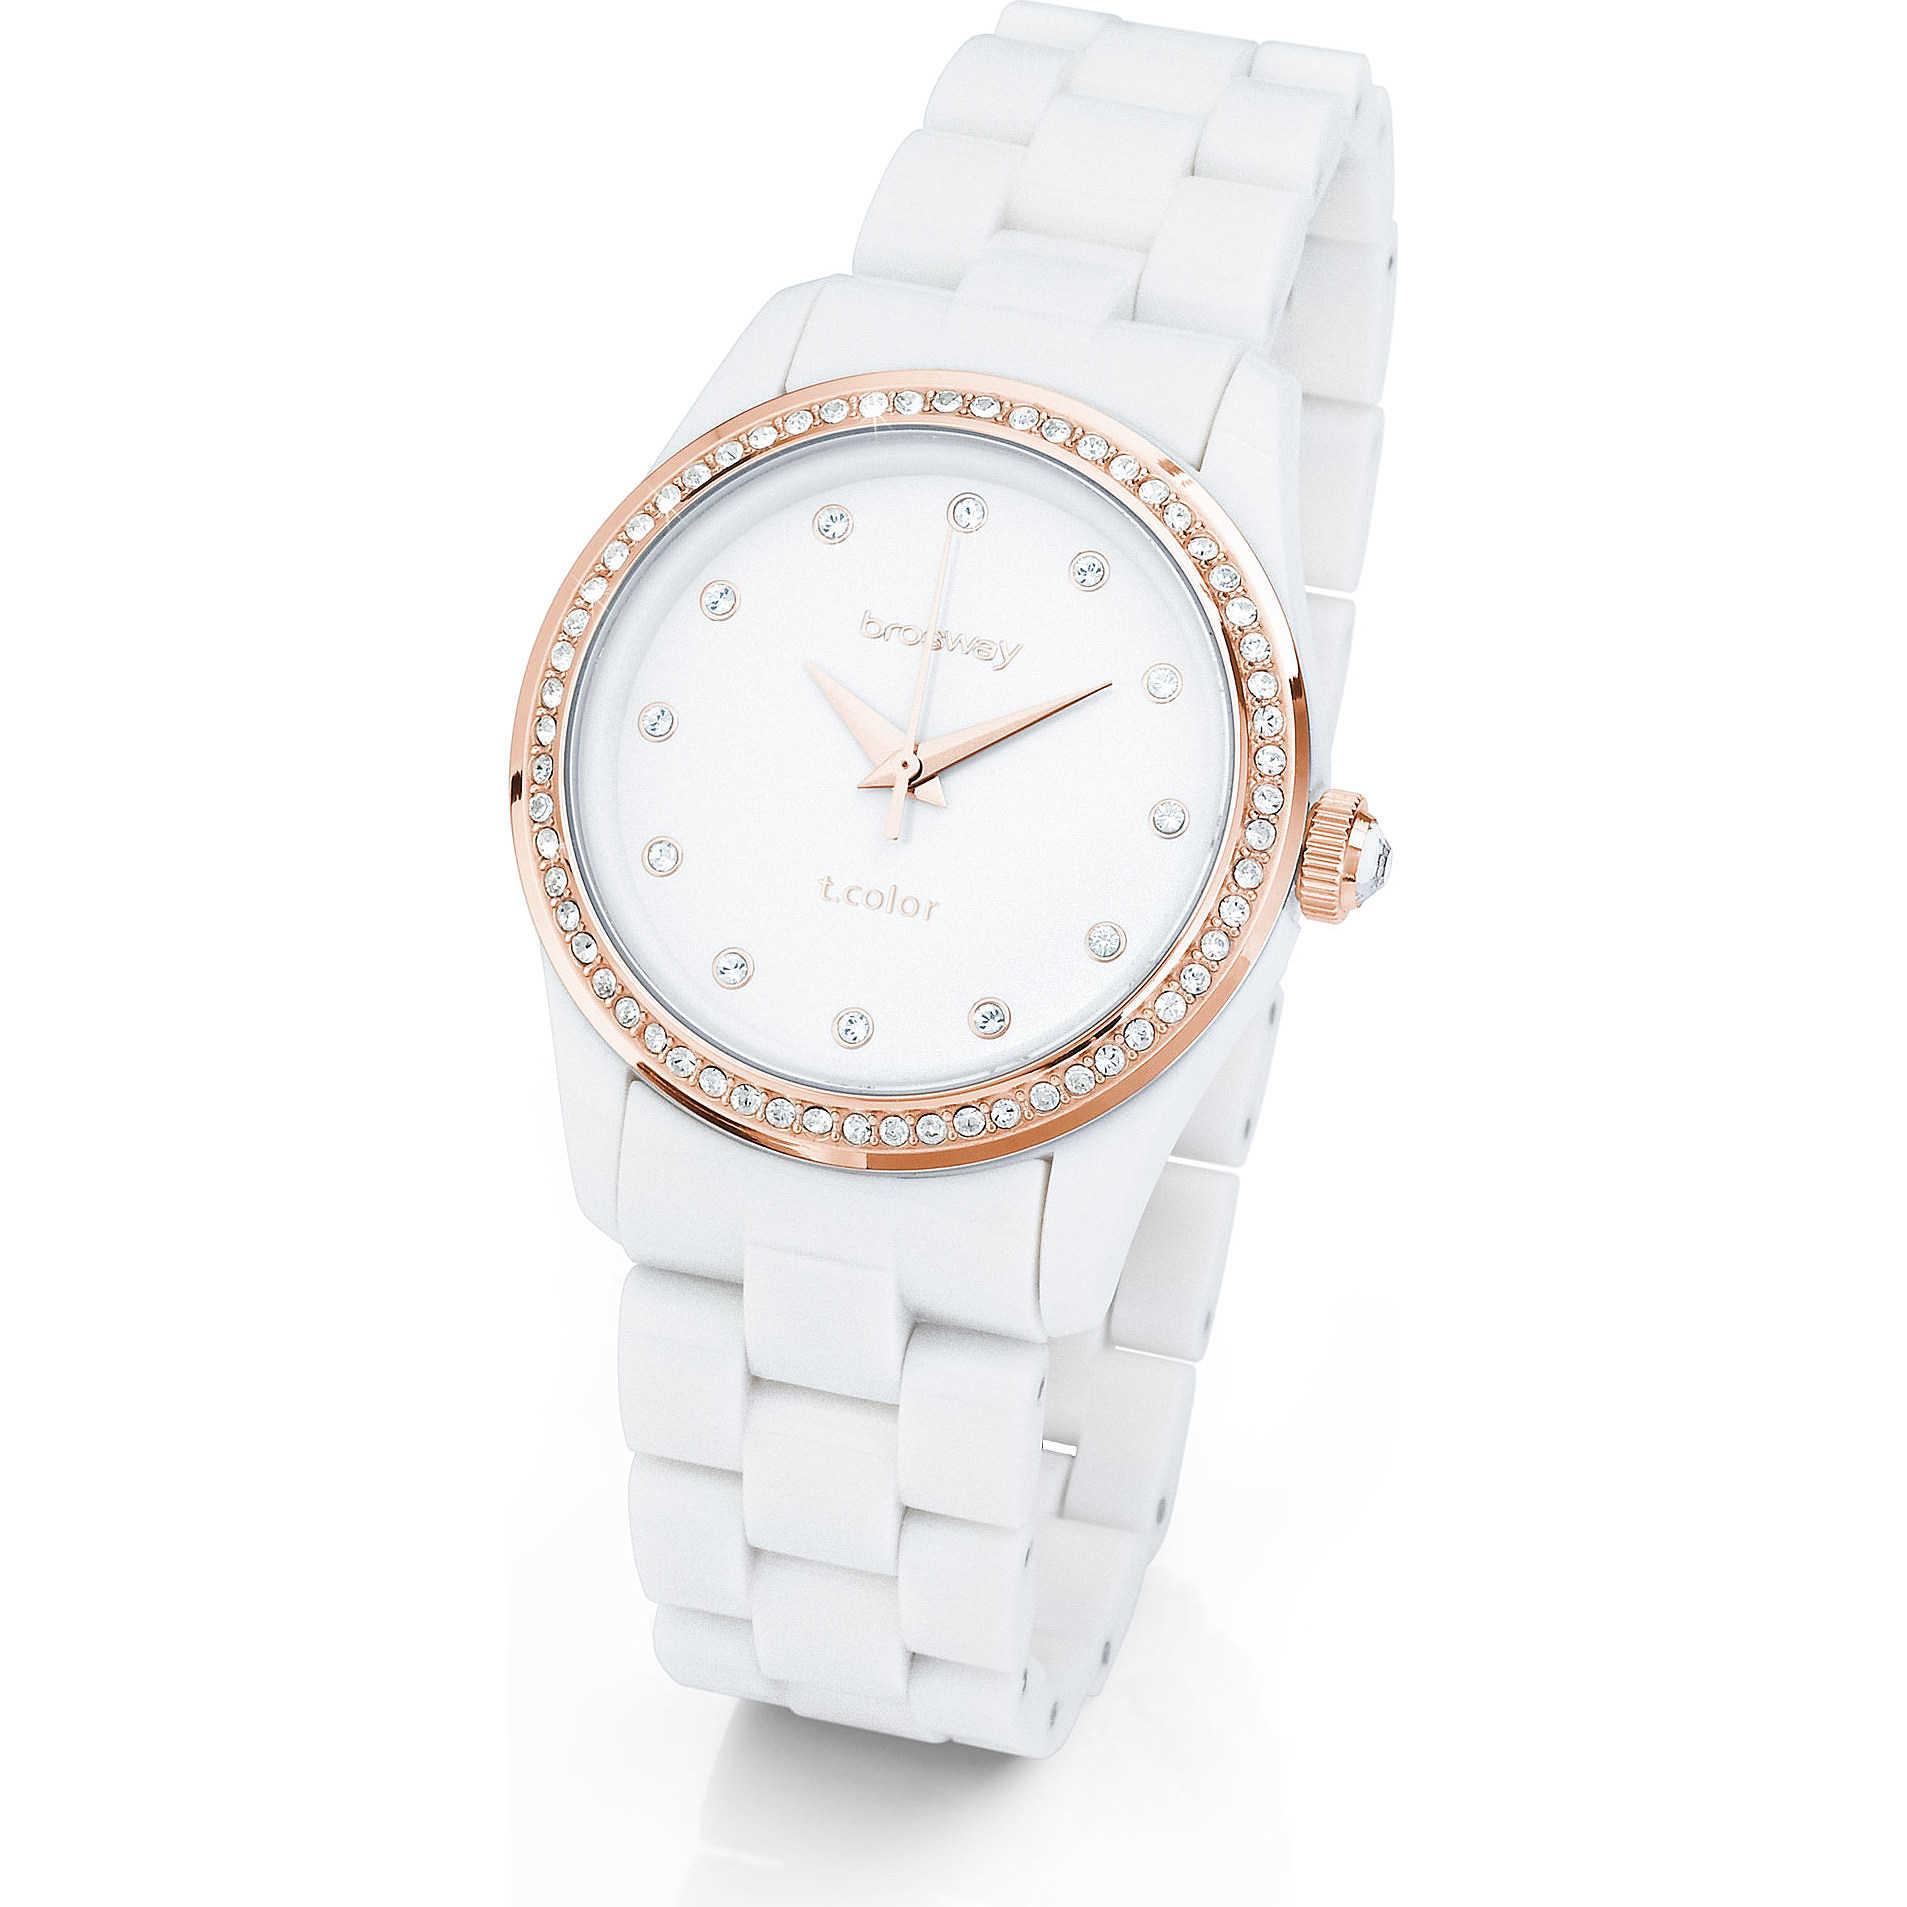 orologio solo tempo donna Brosway T-Color WTC21 solo tempo Brosway